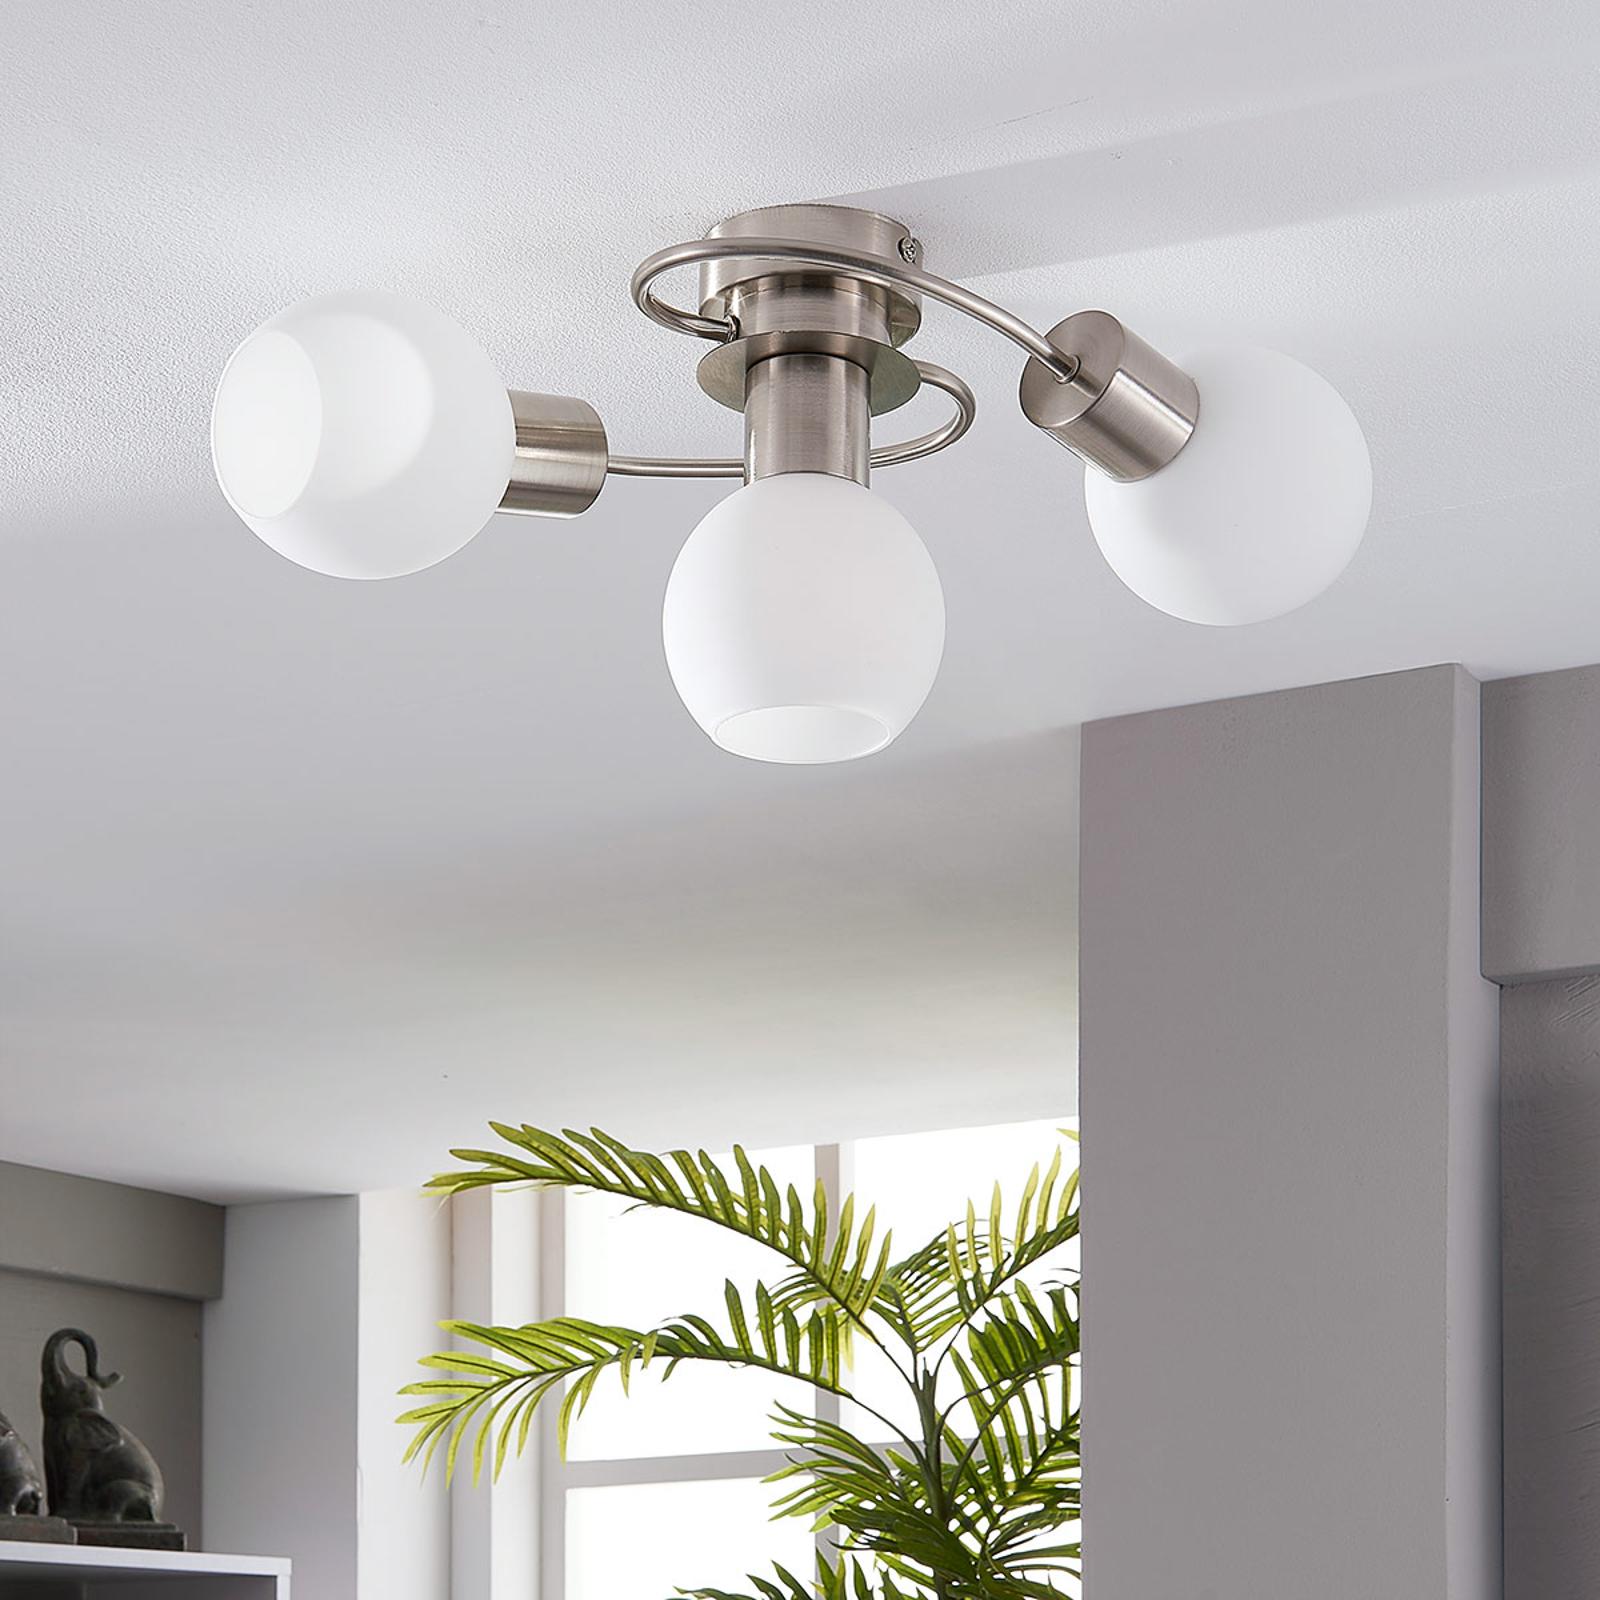 LED-kattovalaisin Ciala, 3-lamppuinen, nikkeli